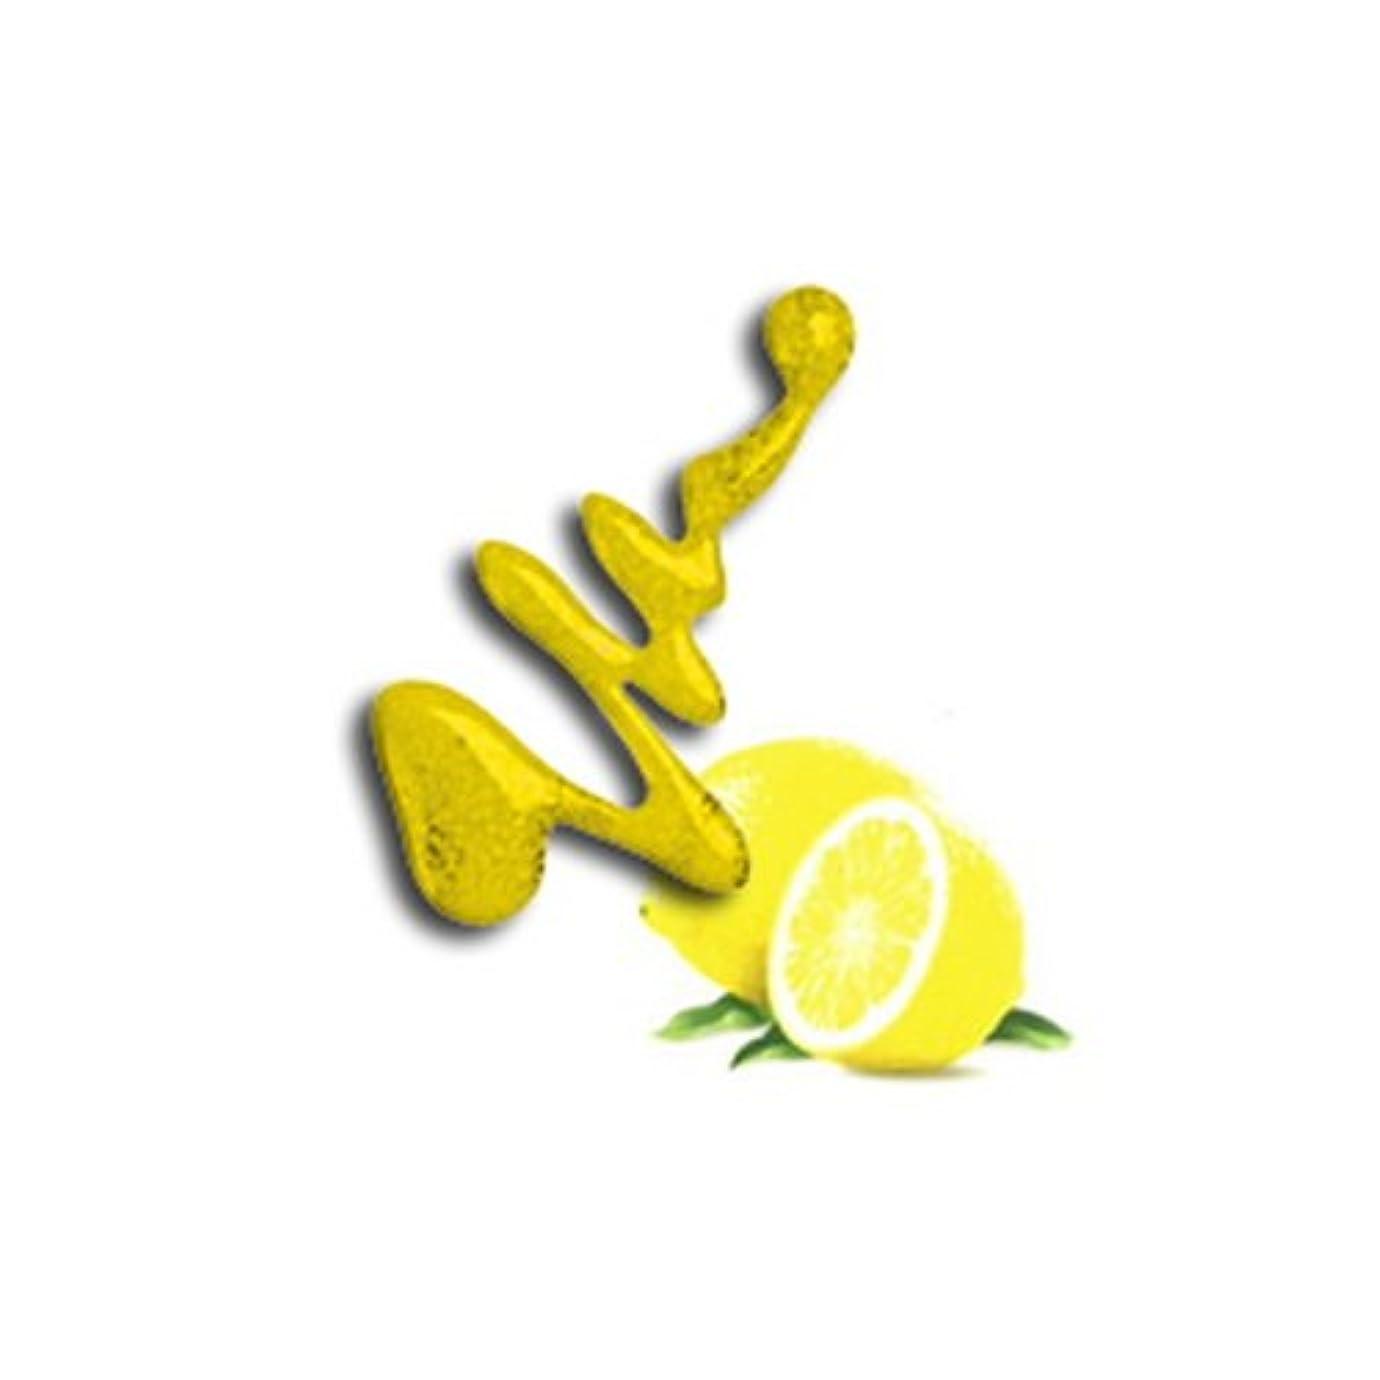 収穫スタッフ荒らすLA GIRL Fruity Scented Nail Polish - Zesty Citrus (並行輸入品)